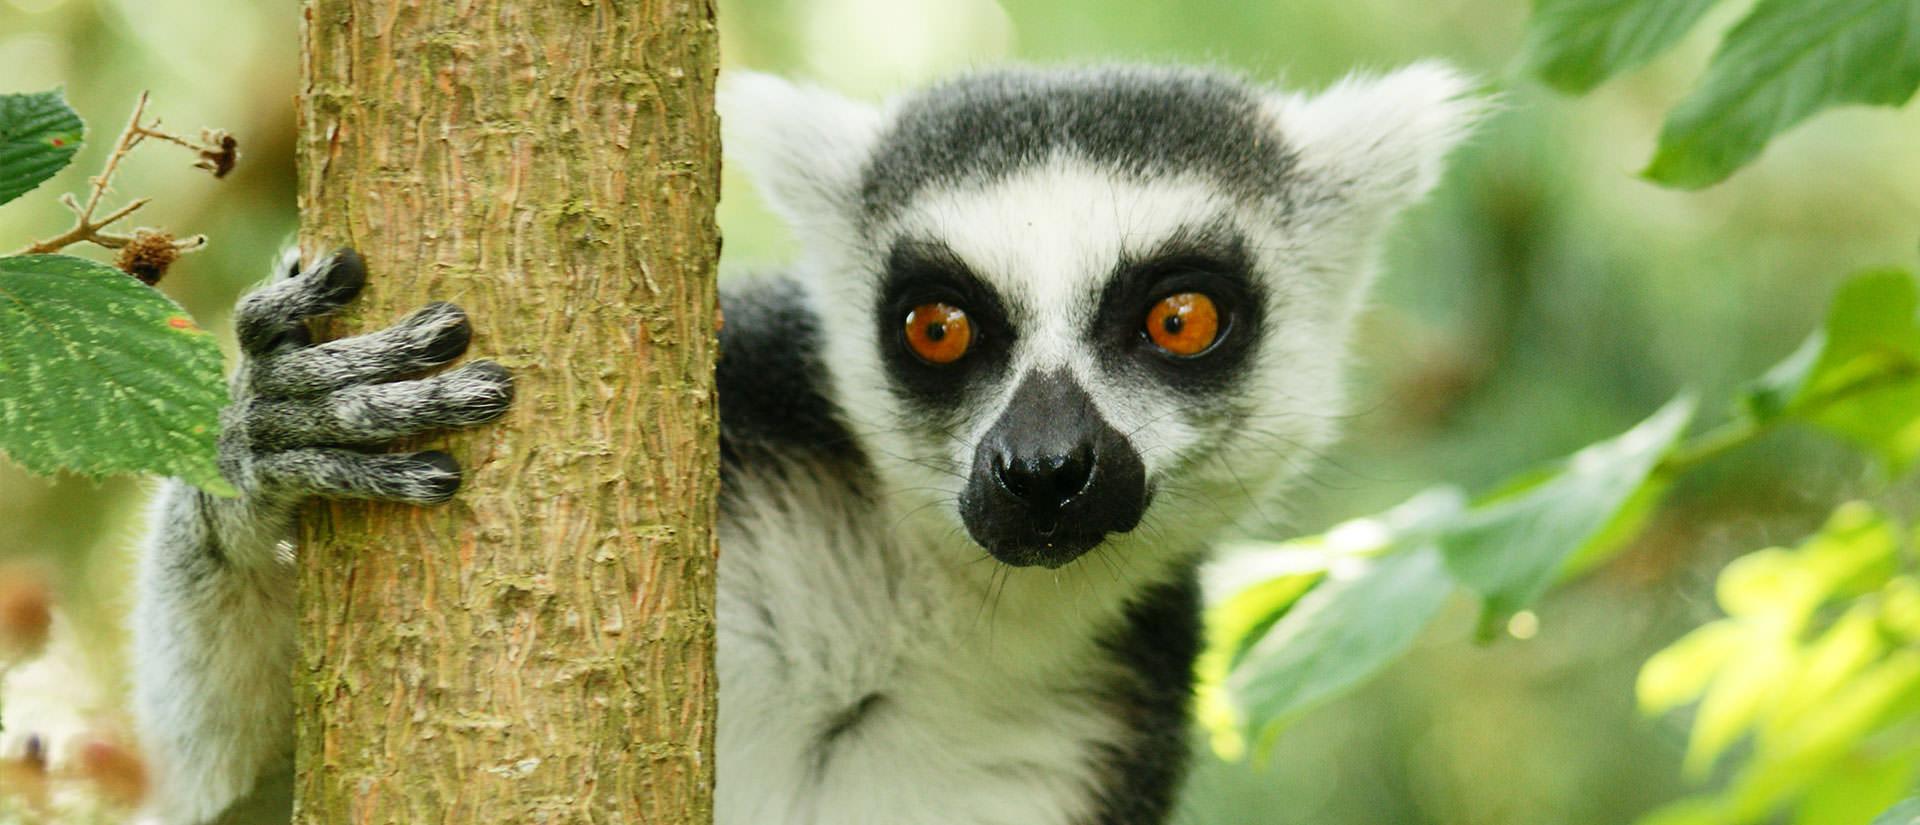 טיול למדגסקר - 13 יום - אל אי מיוחד במינו